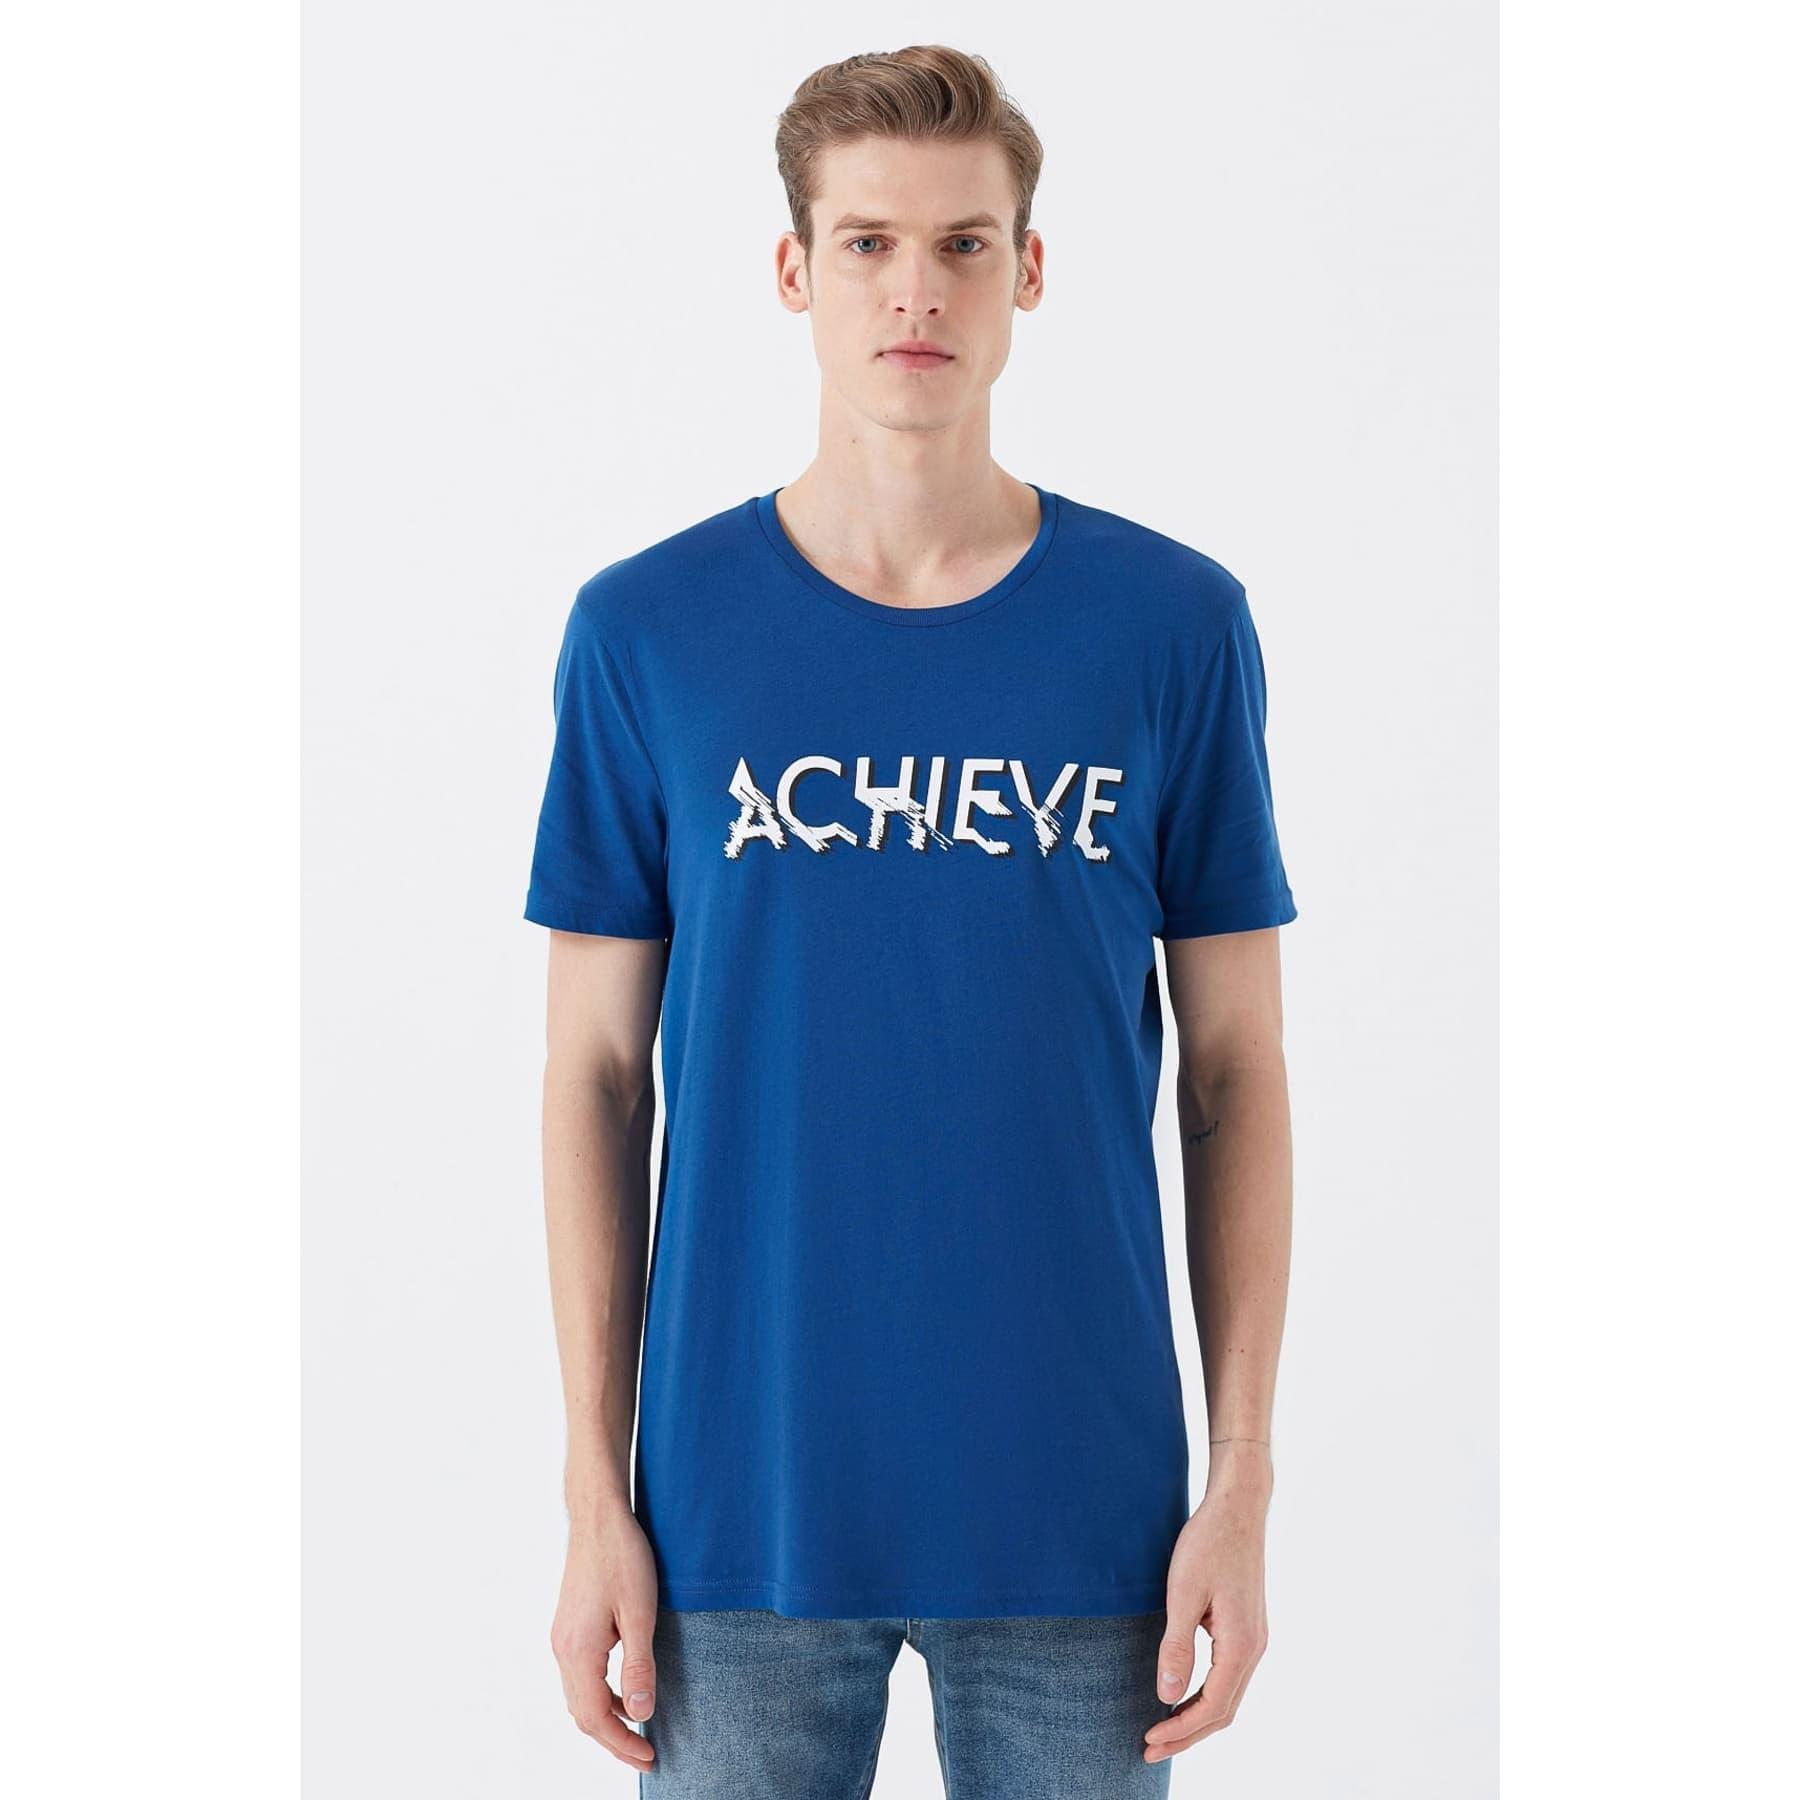 Achieve Baskılı Koyu Mavi Erkek T-Shirt